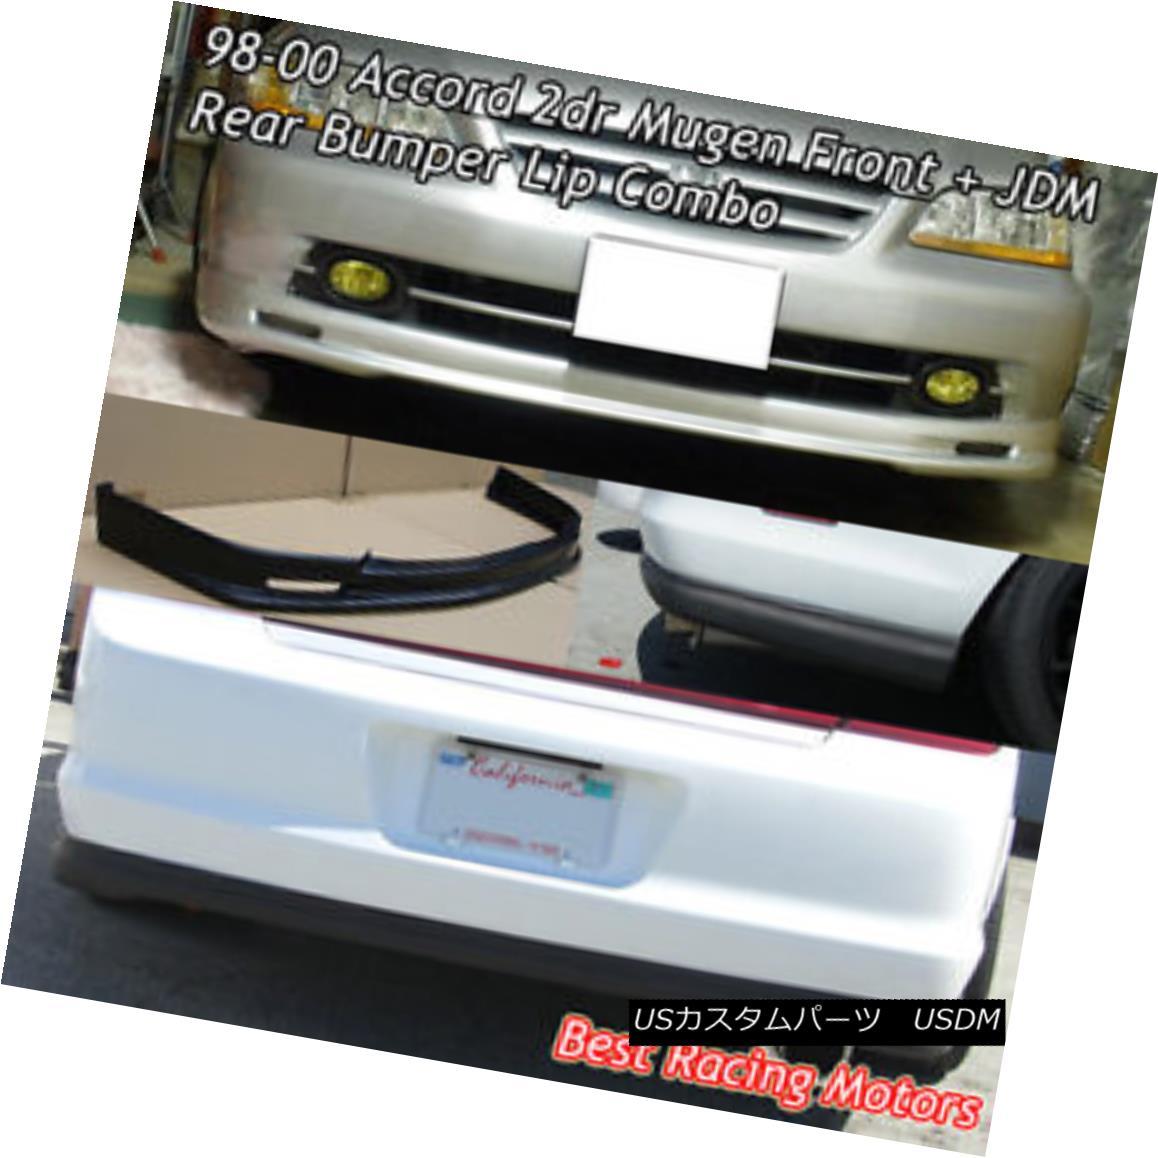 エアロパーツ Mu-gen Style Front (PP) + OE Style Rear Bumper Lip (PU) Fit 98-00 Accord 2dr ムーゲンスタイルフロント(PP)+ OEスタイルリアバンパーリップ(PU)フィット98-00アコード2dr